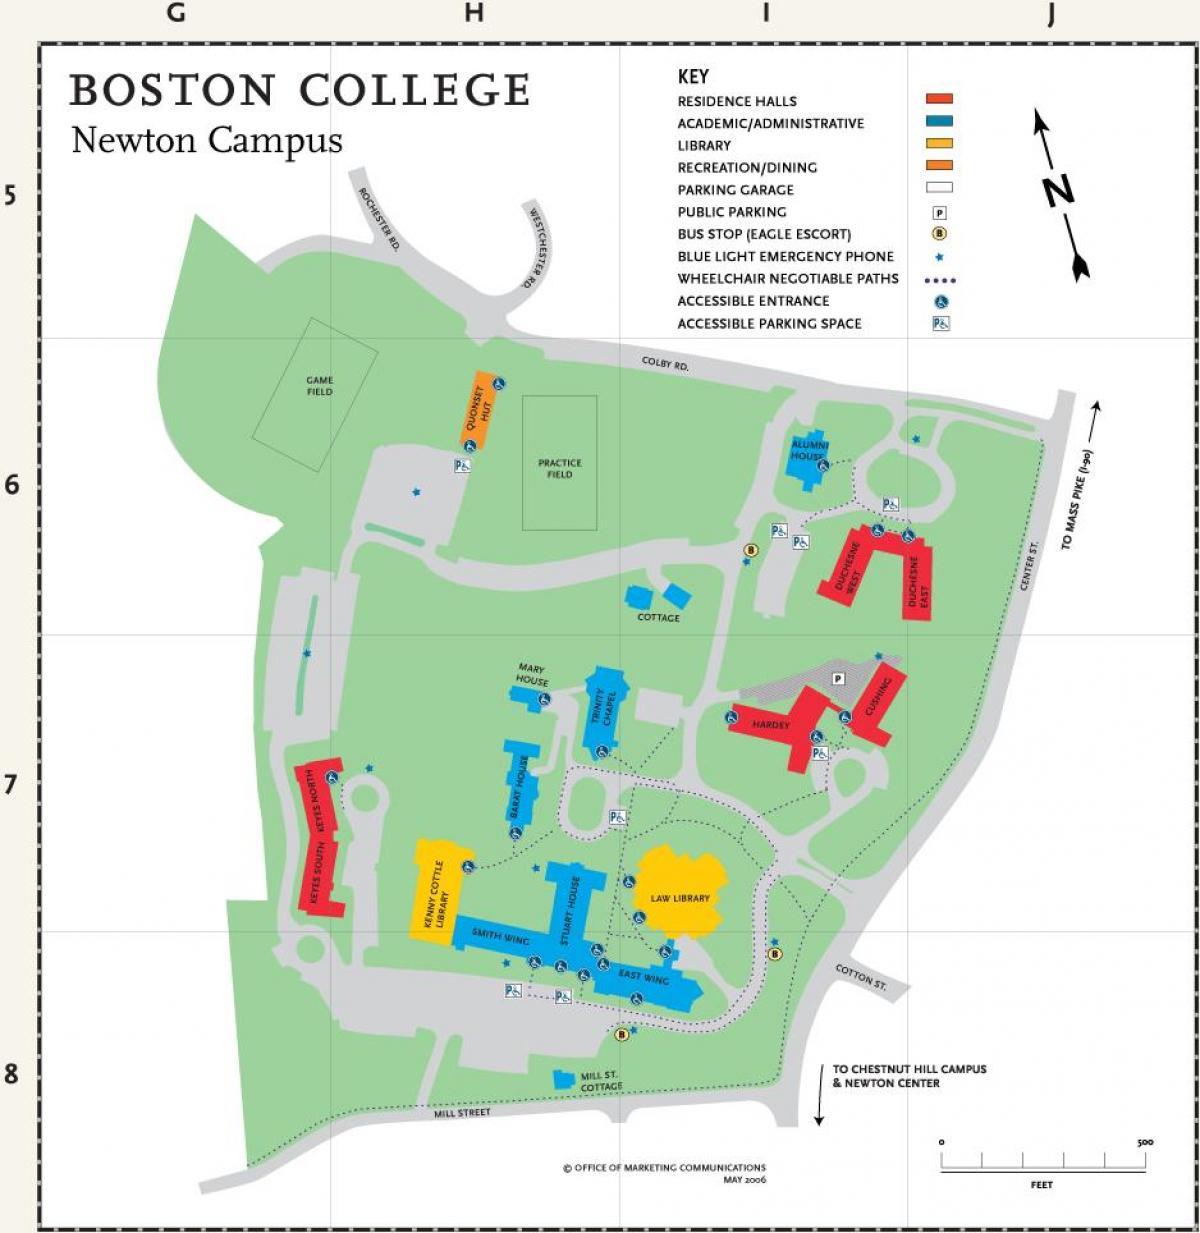 Boston college map - Map of Boston college (Vereinigte Staaten von on